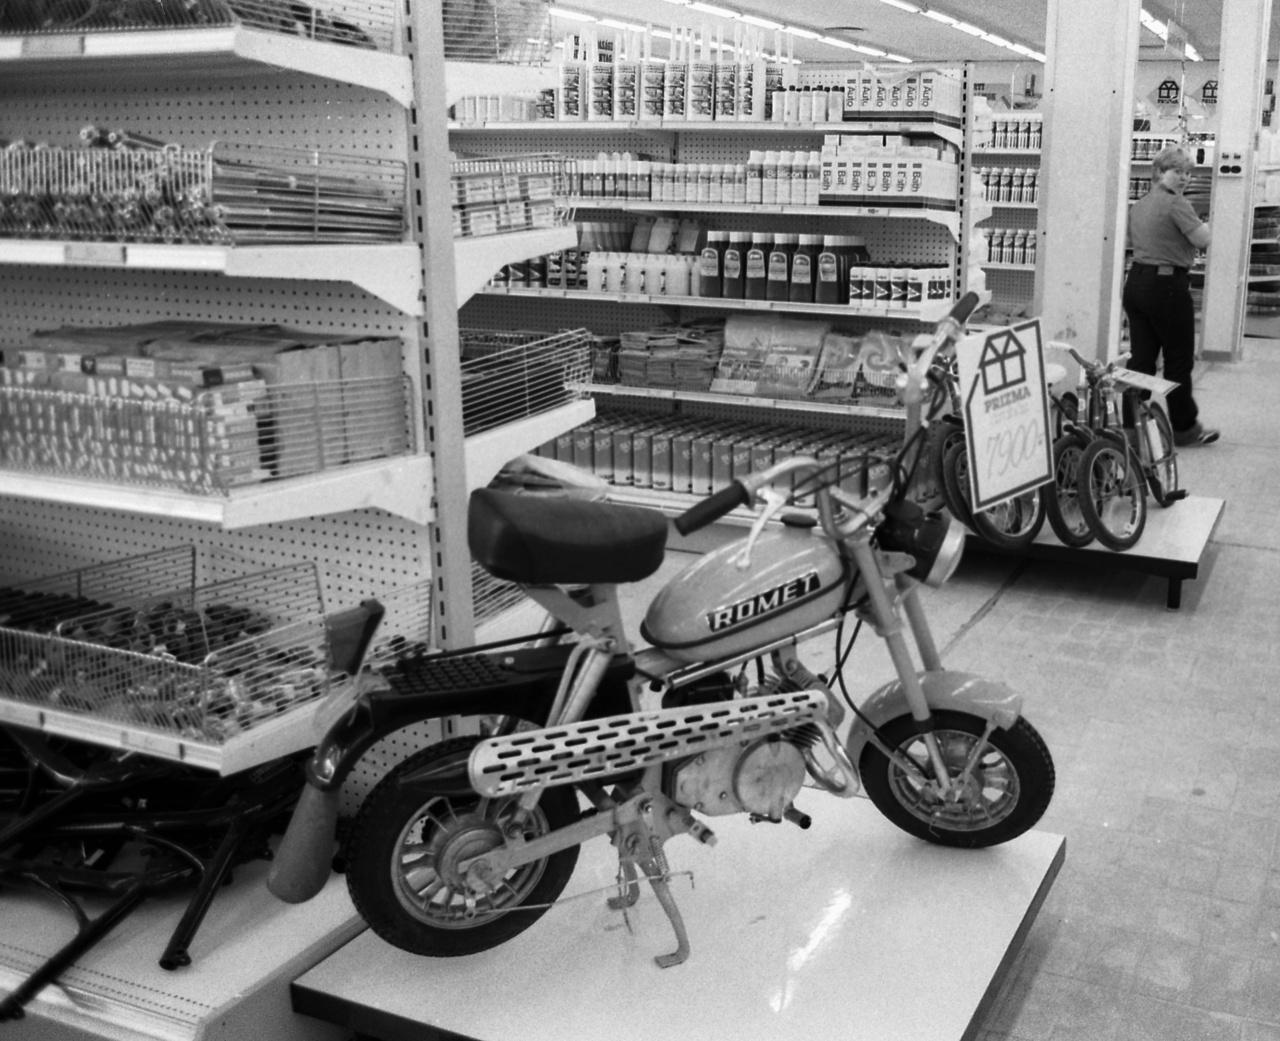 Az egyik közkedvelt modell a lengyel Romet Pony moped volt. A szovjet Verhovinával ellentétben igen mokány kis jármű volt, simán vette az emelkedőket, félgázzal is megmászta a dombokat, fogyasztása mégis 2,5 liter alatt maradt, igaz, a gyorsulásnak 40 km/h-nál vége szakadt. A borsos, 7900 forintos árért öntött alufelni is járt. A kormányváltót szokni kellett: lefelé egyes, felfelé kettes, kész.